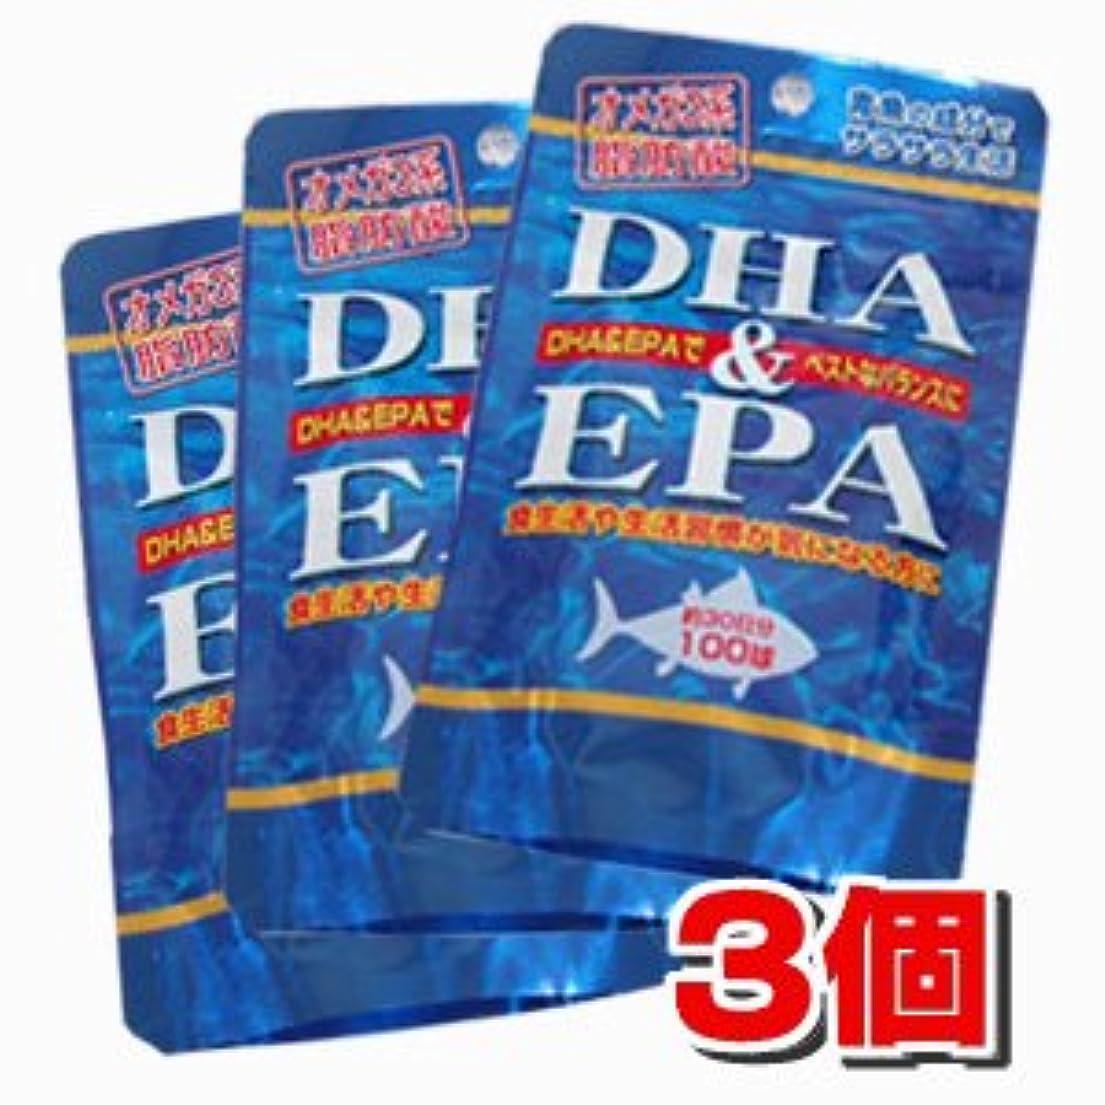 収まるオリエンタルオリエントDHA(ドコサヘキサエン酸)&EPA(エイコサペンタエン酸)